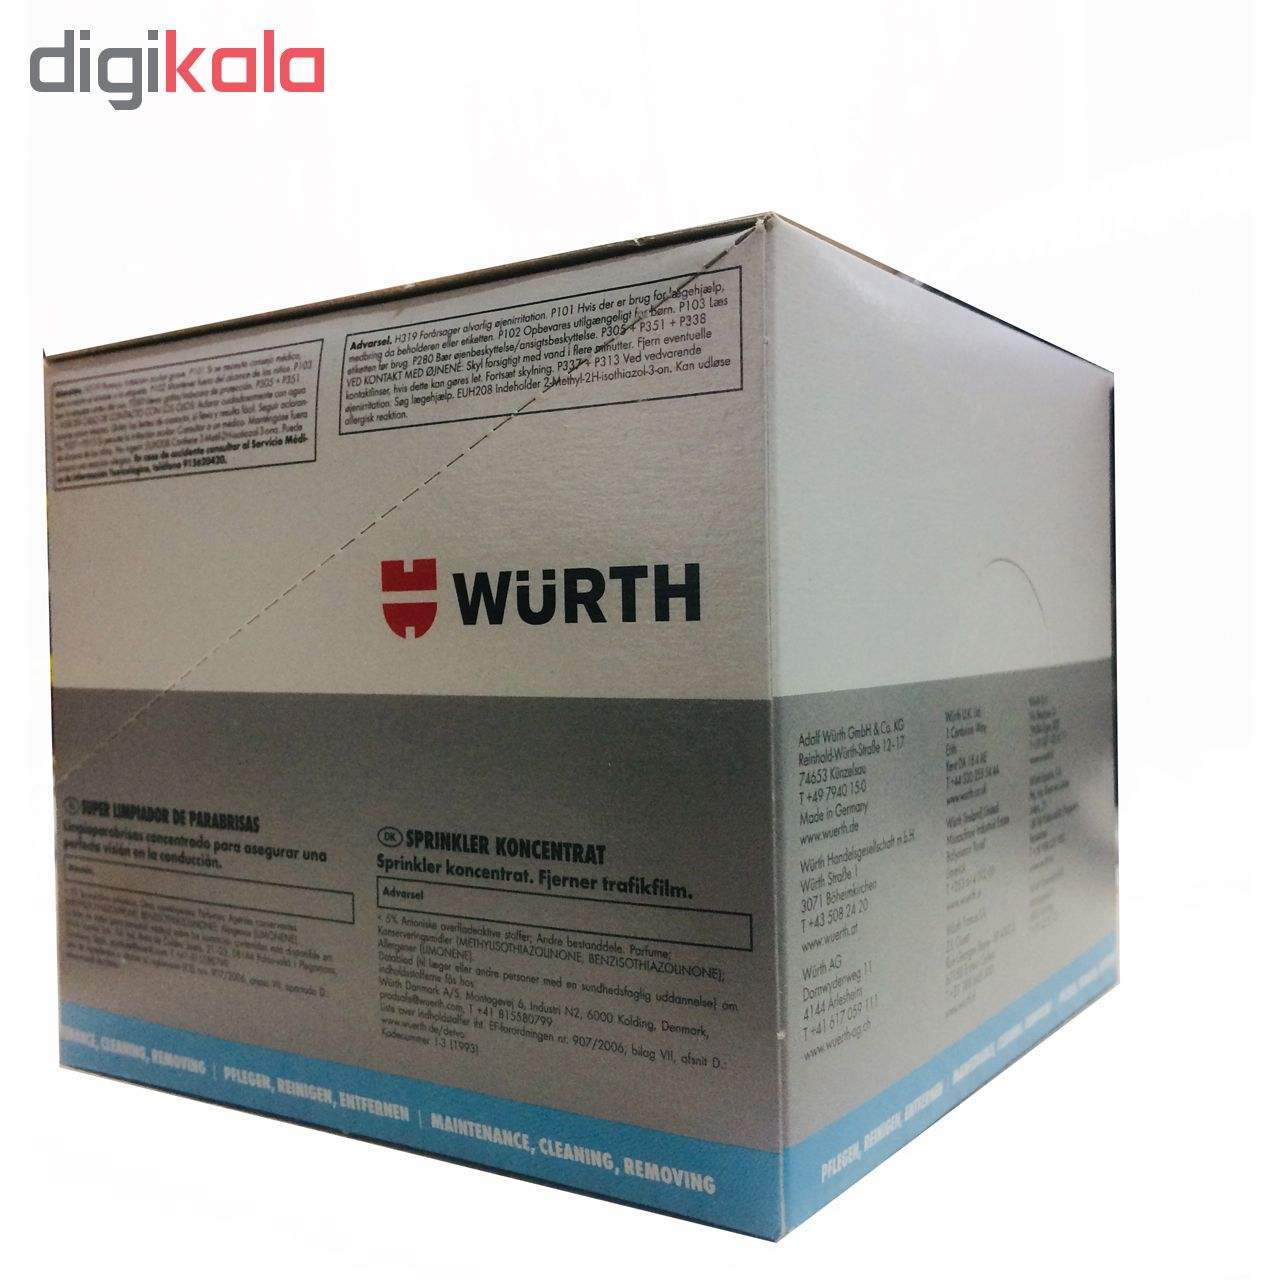 محلول شیشه شوی خودرو وورث مدل 892333 حجم 32 میلی لیتر بسته 5 عددی main 1 3